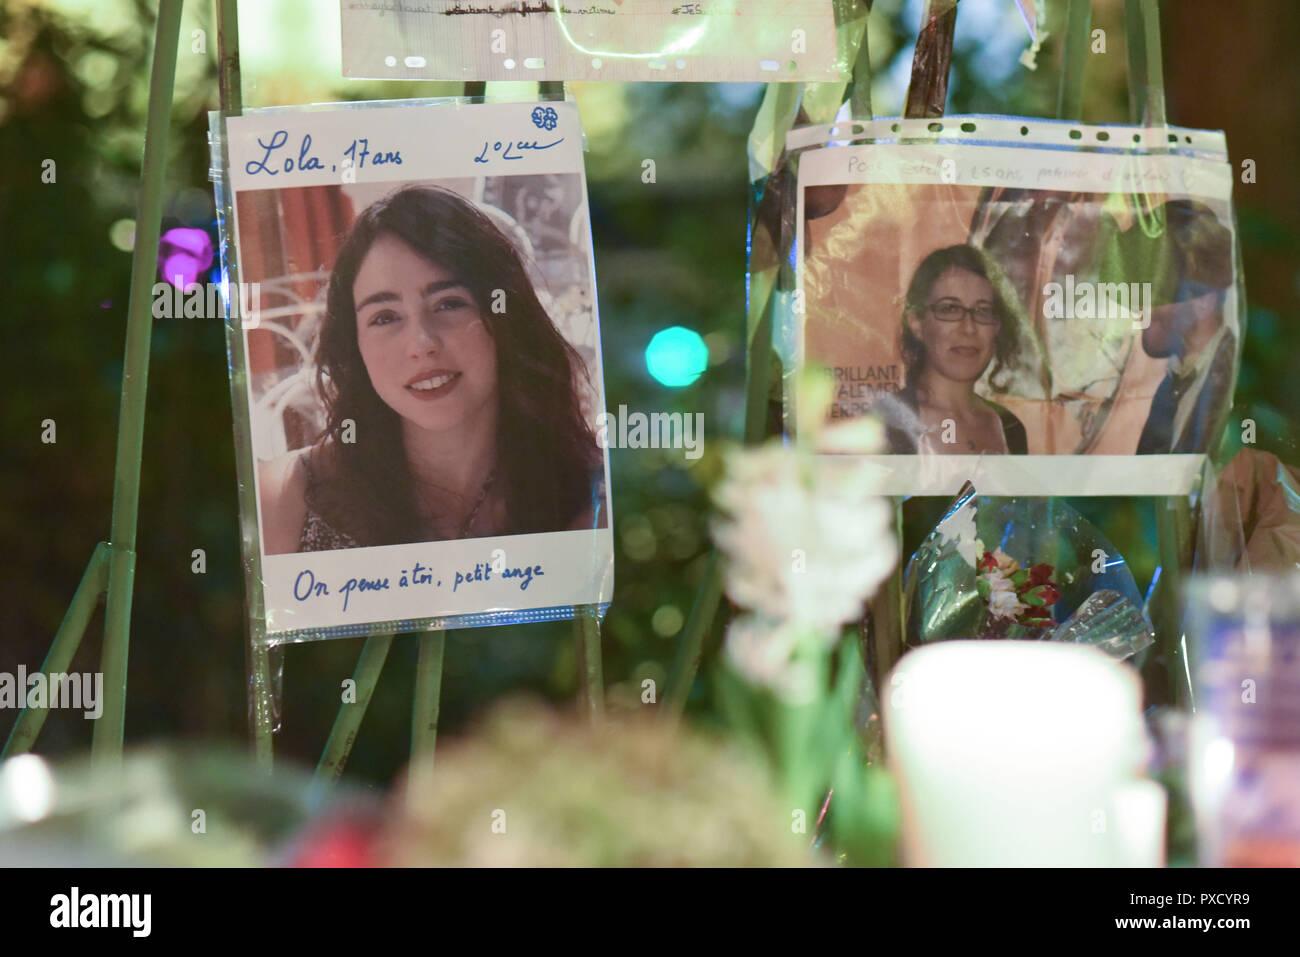 Novembre 22, 2015 - Paris, France: hommage aux victimes du terrorisme le 13 novembre avec des bougies, des dessins, des arts de la rue, et les images de la mort de près de la memorial impromptu bataclan. Des photos des victimes des attaques terroristes du 13 novembre 2015 sont posees au milieu de fleurs le long d'un memorial improviser square du Bataclan, a proximite de la salle de concert ou 90 personnes ont ete massacrees. *** FRANCE / PAS DE VENTES DE MÉDIAS FRANÇAIS *** Photo Stock